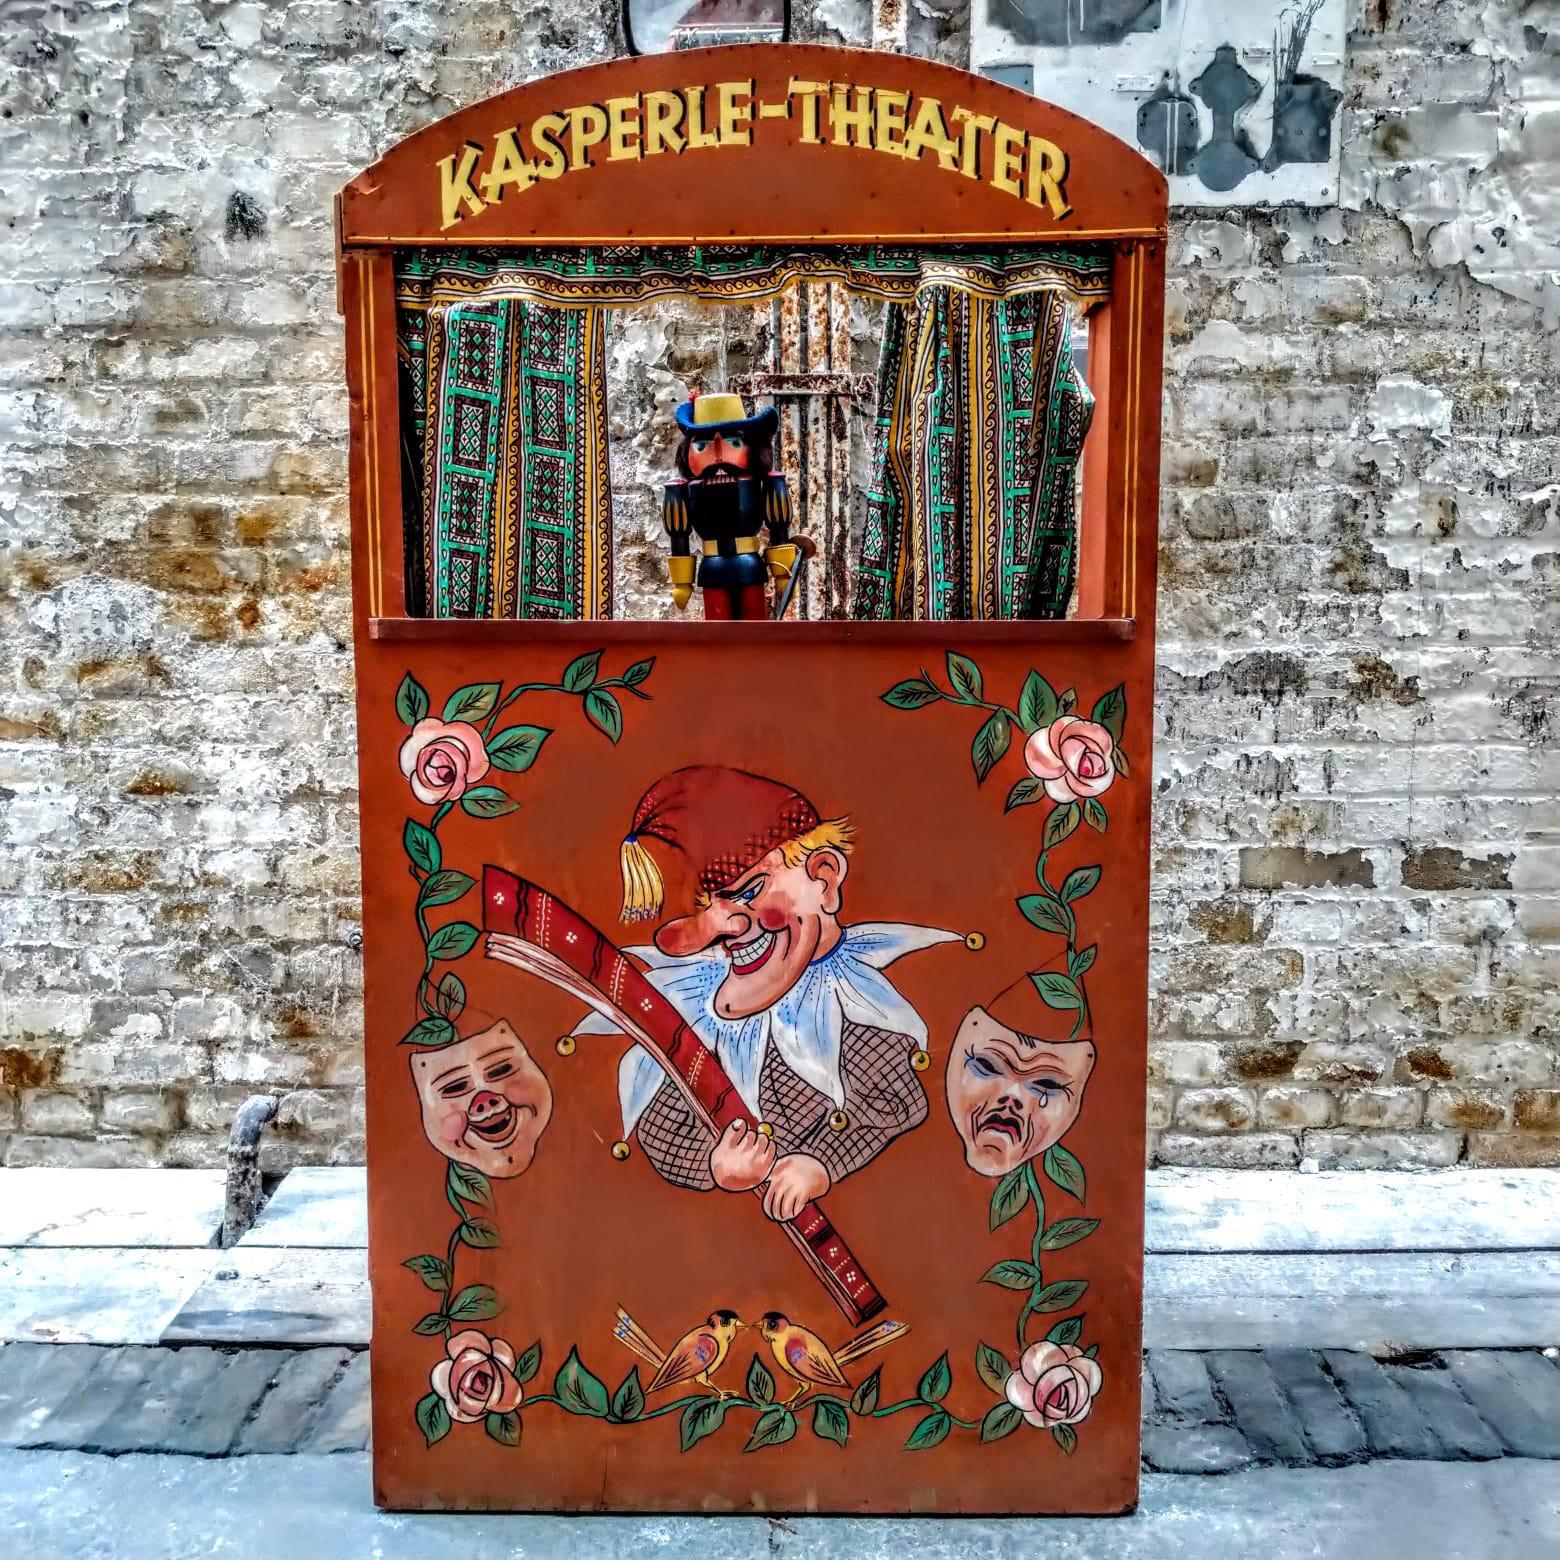 Saxonian punchinello theatre